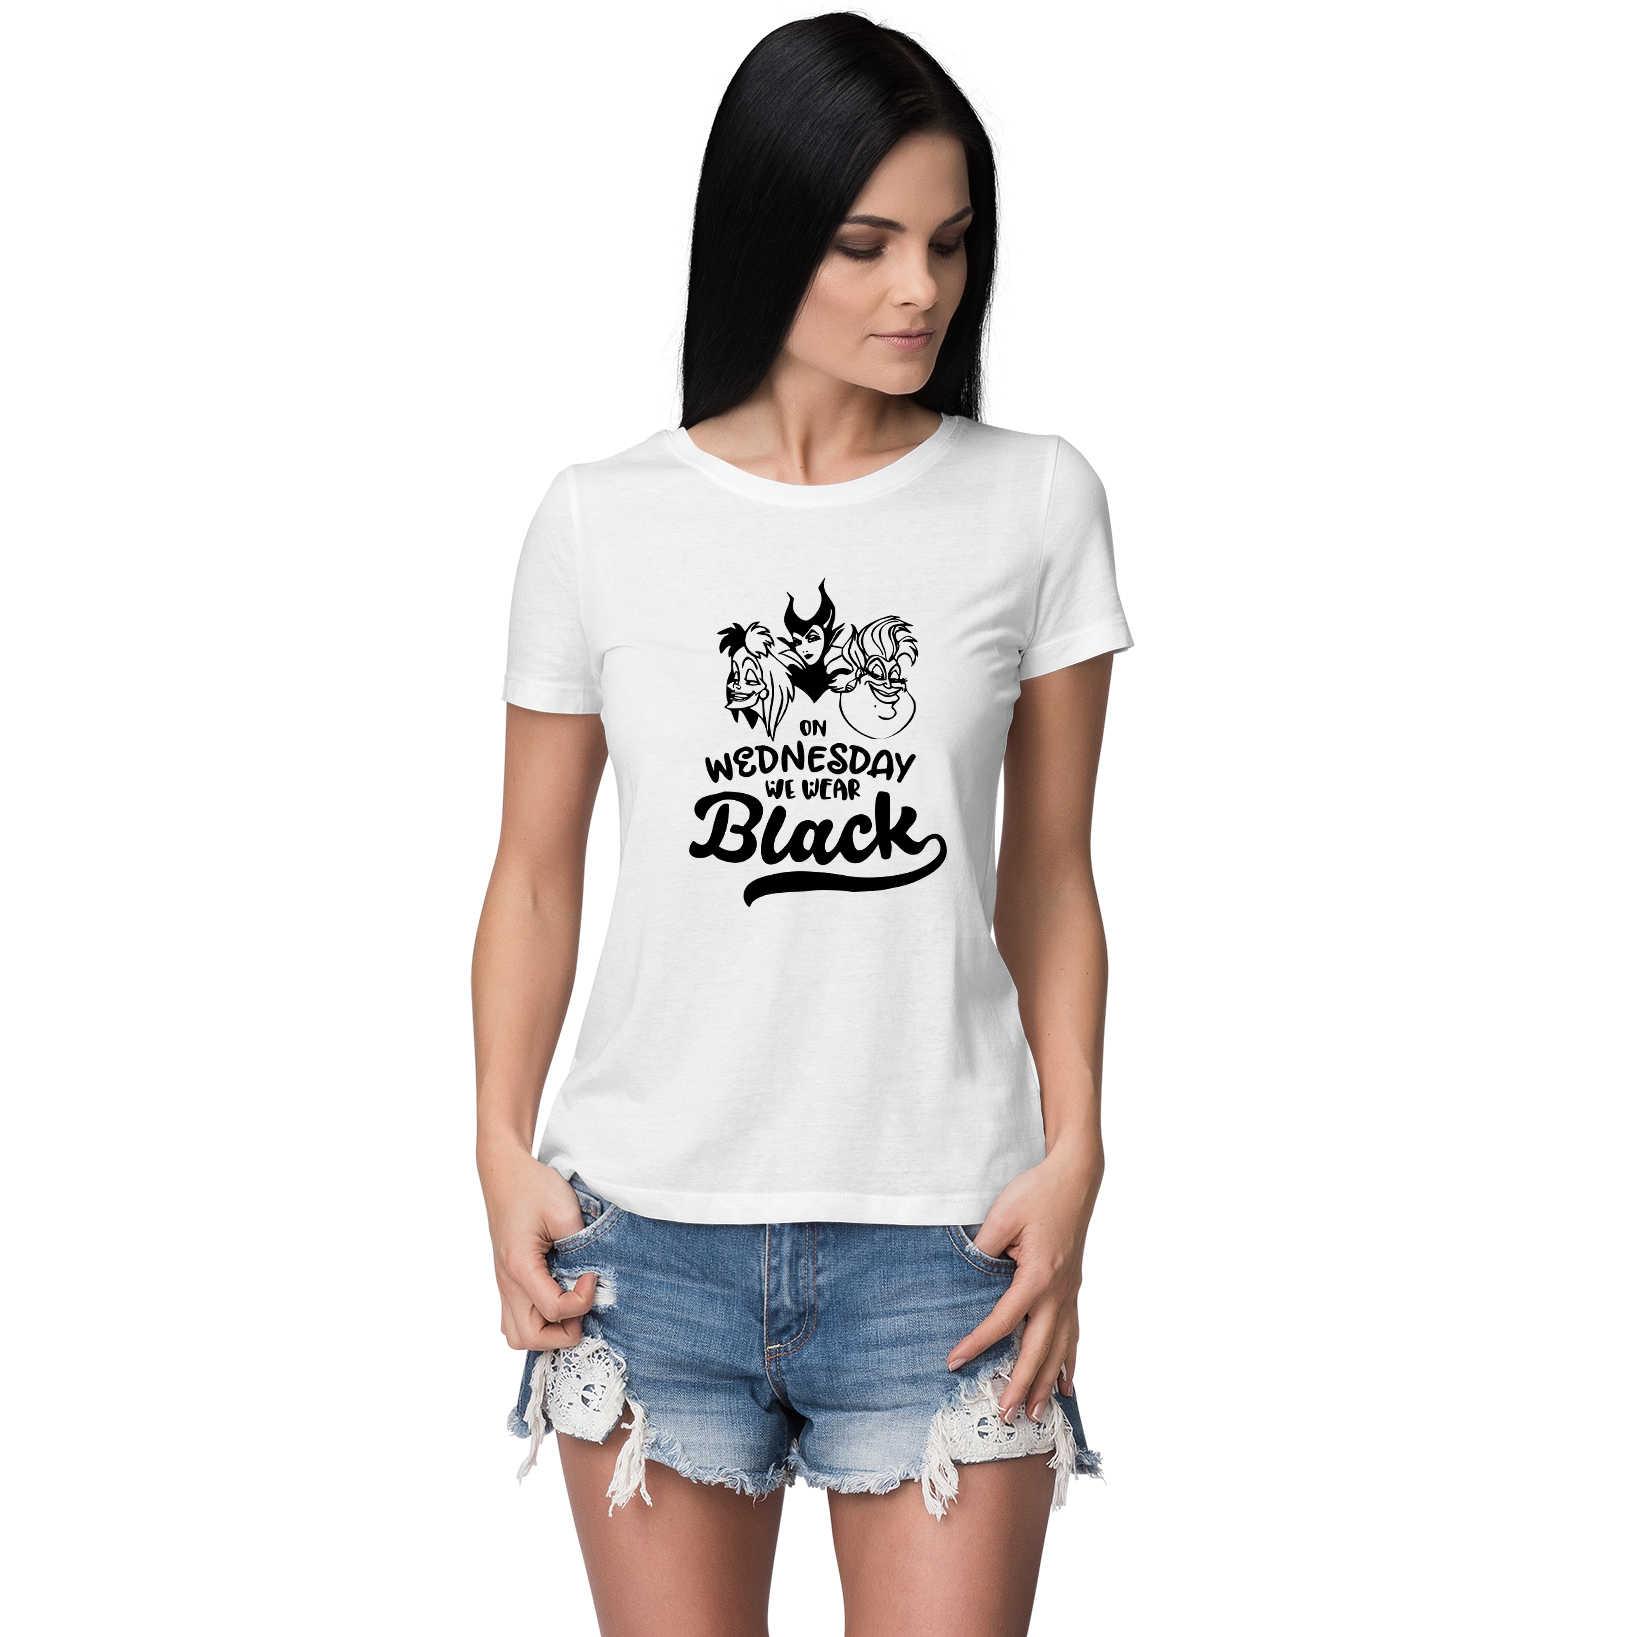 Slechte Meisjes Hebben Meer Plezier Tops Harajuku T-shirt Vrouwen Grappige Schurken Malificent Evil Queen Ursula Tshirt